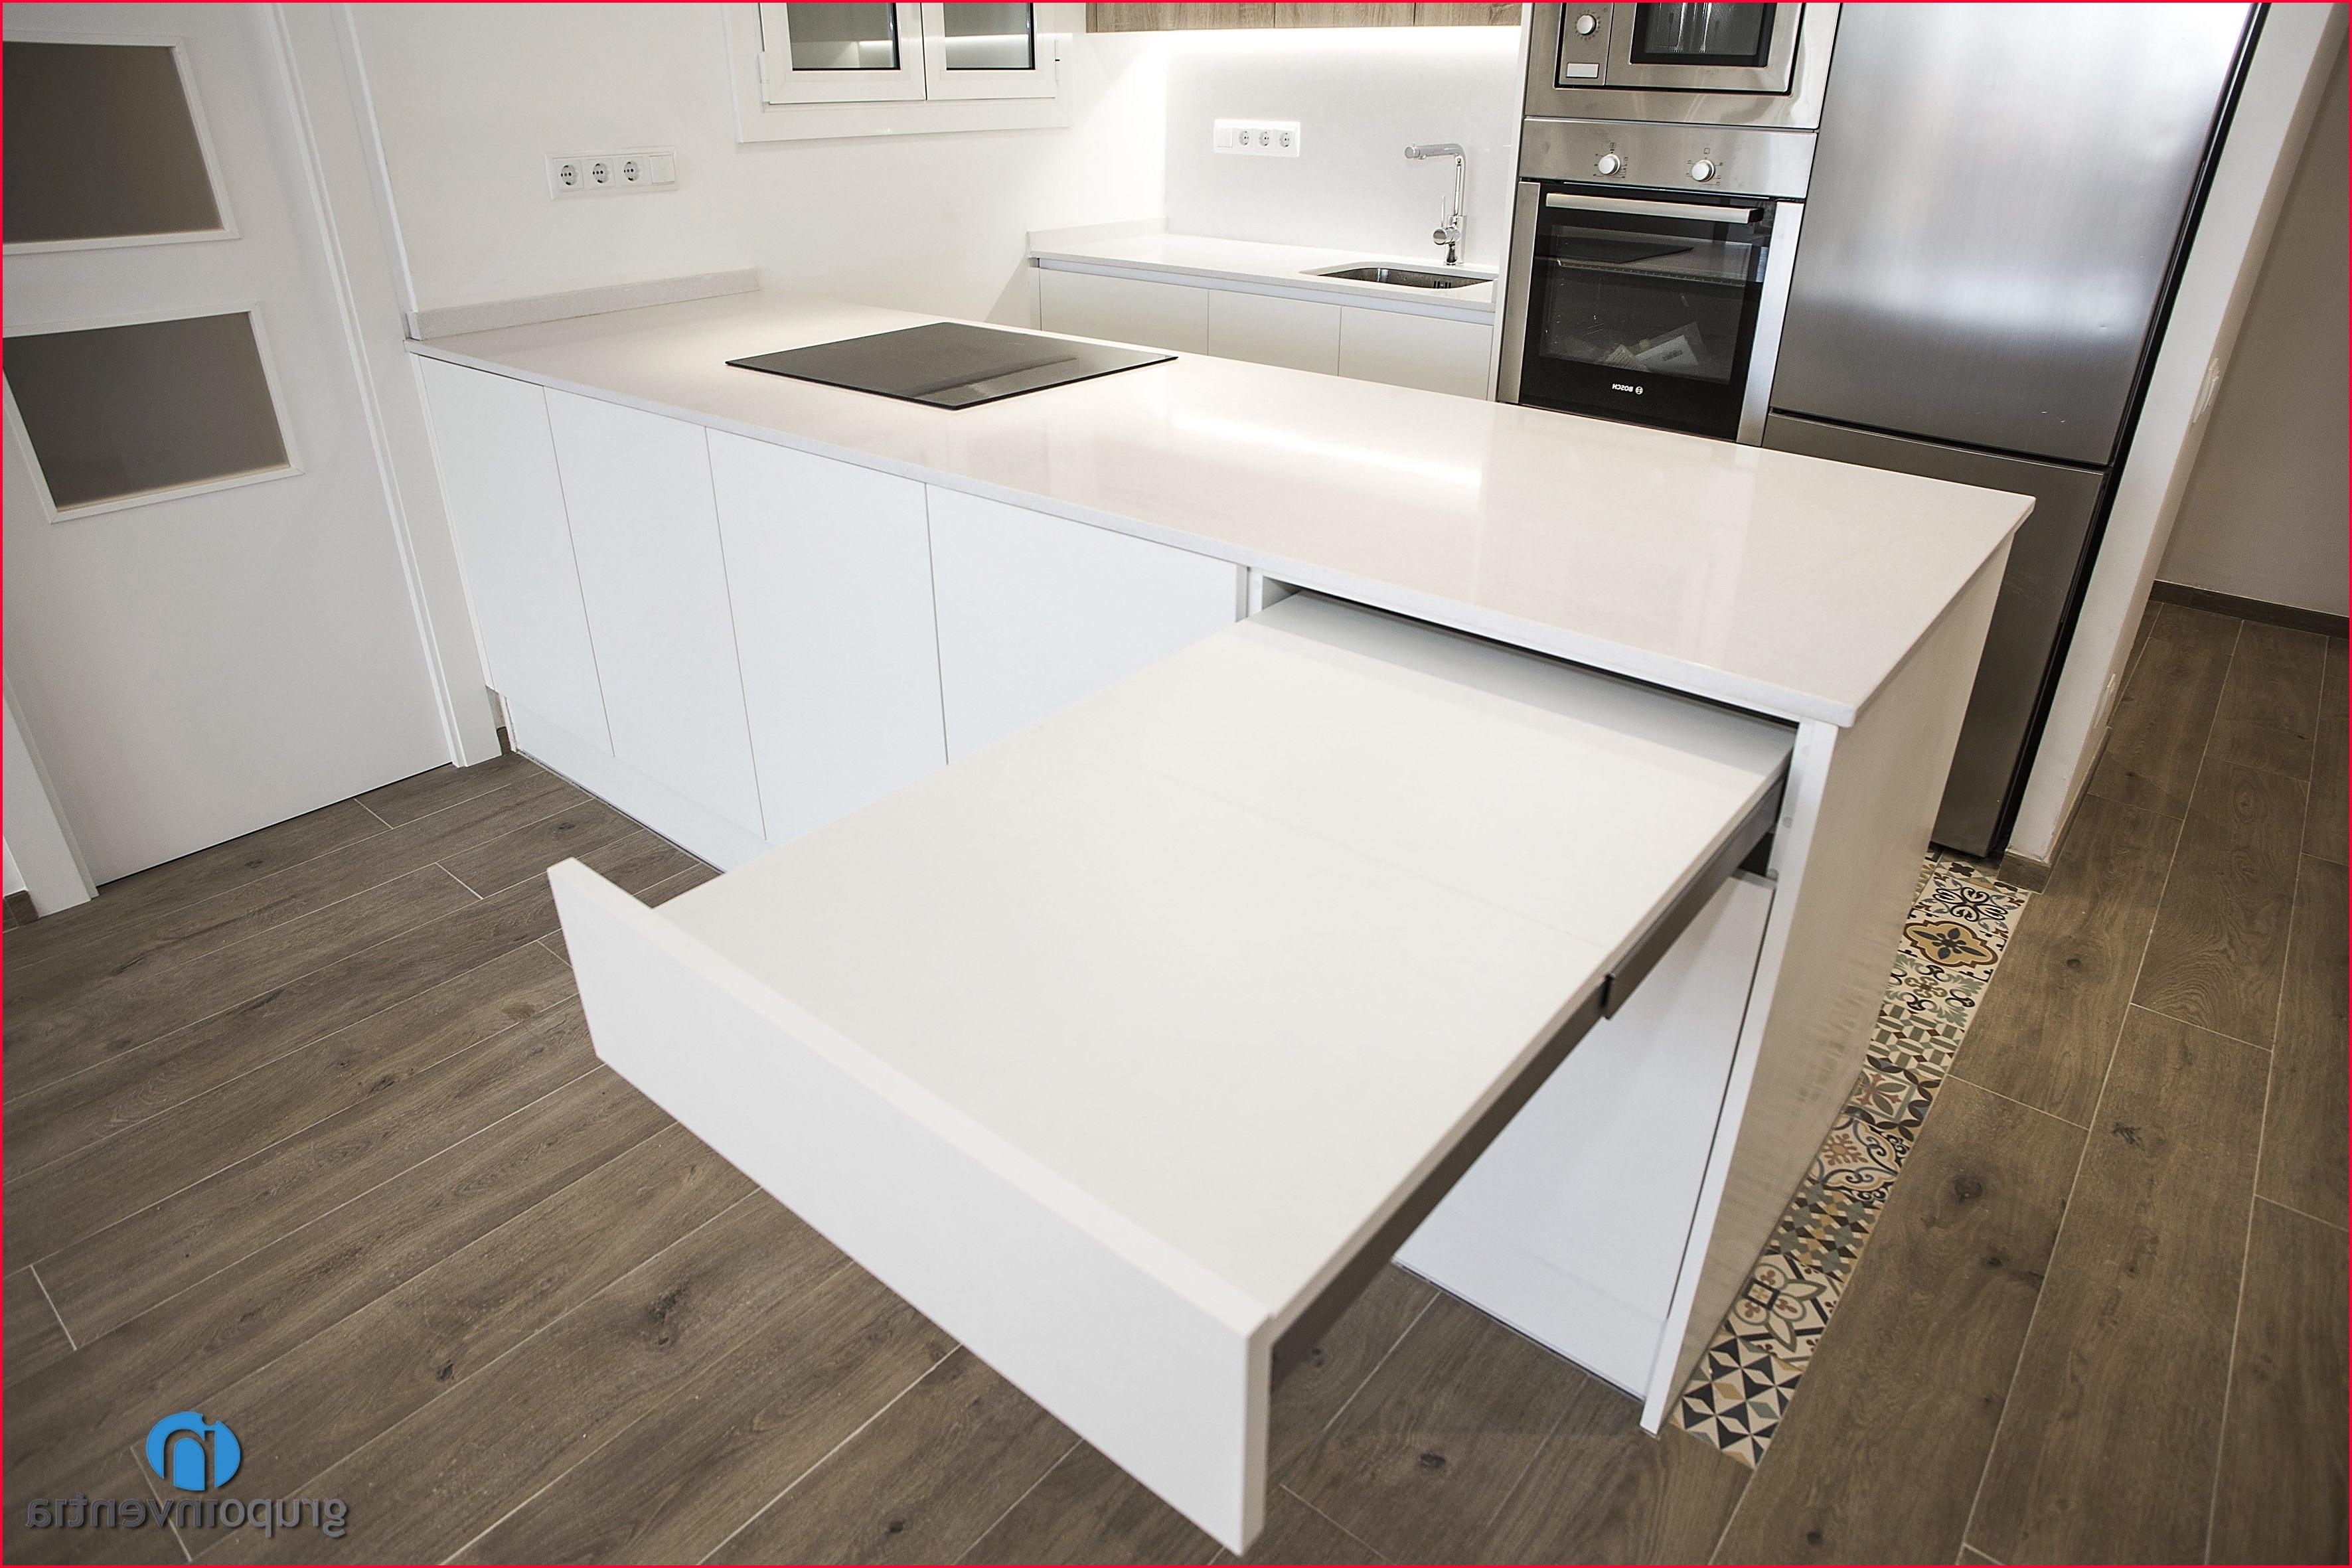 Mesa Extraible Cocina 3ldq Mesa Extraible Cocina La Barra De Cocina Cuenta Con Una Mesa